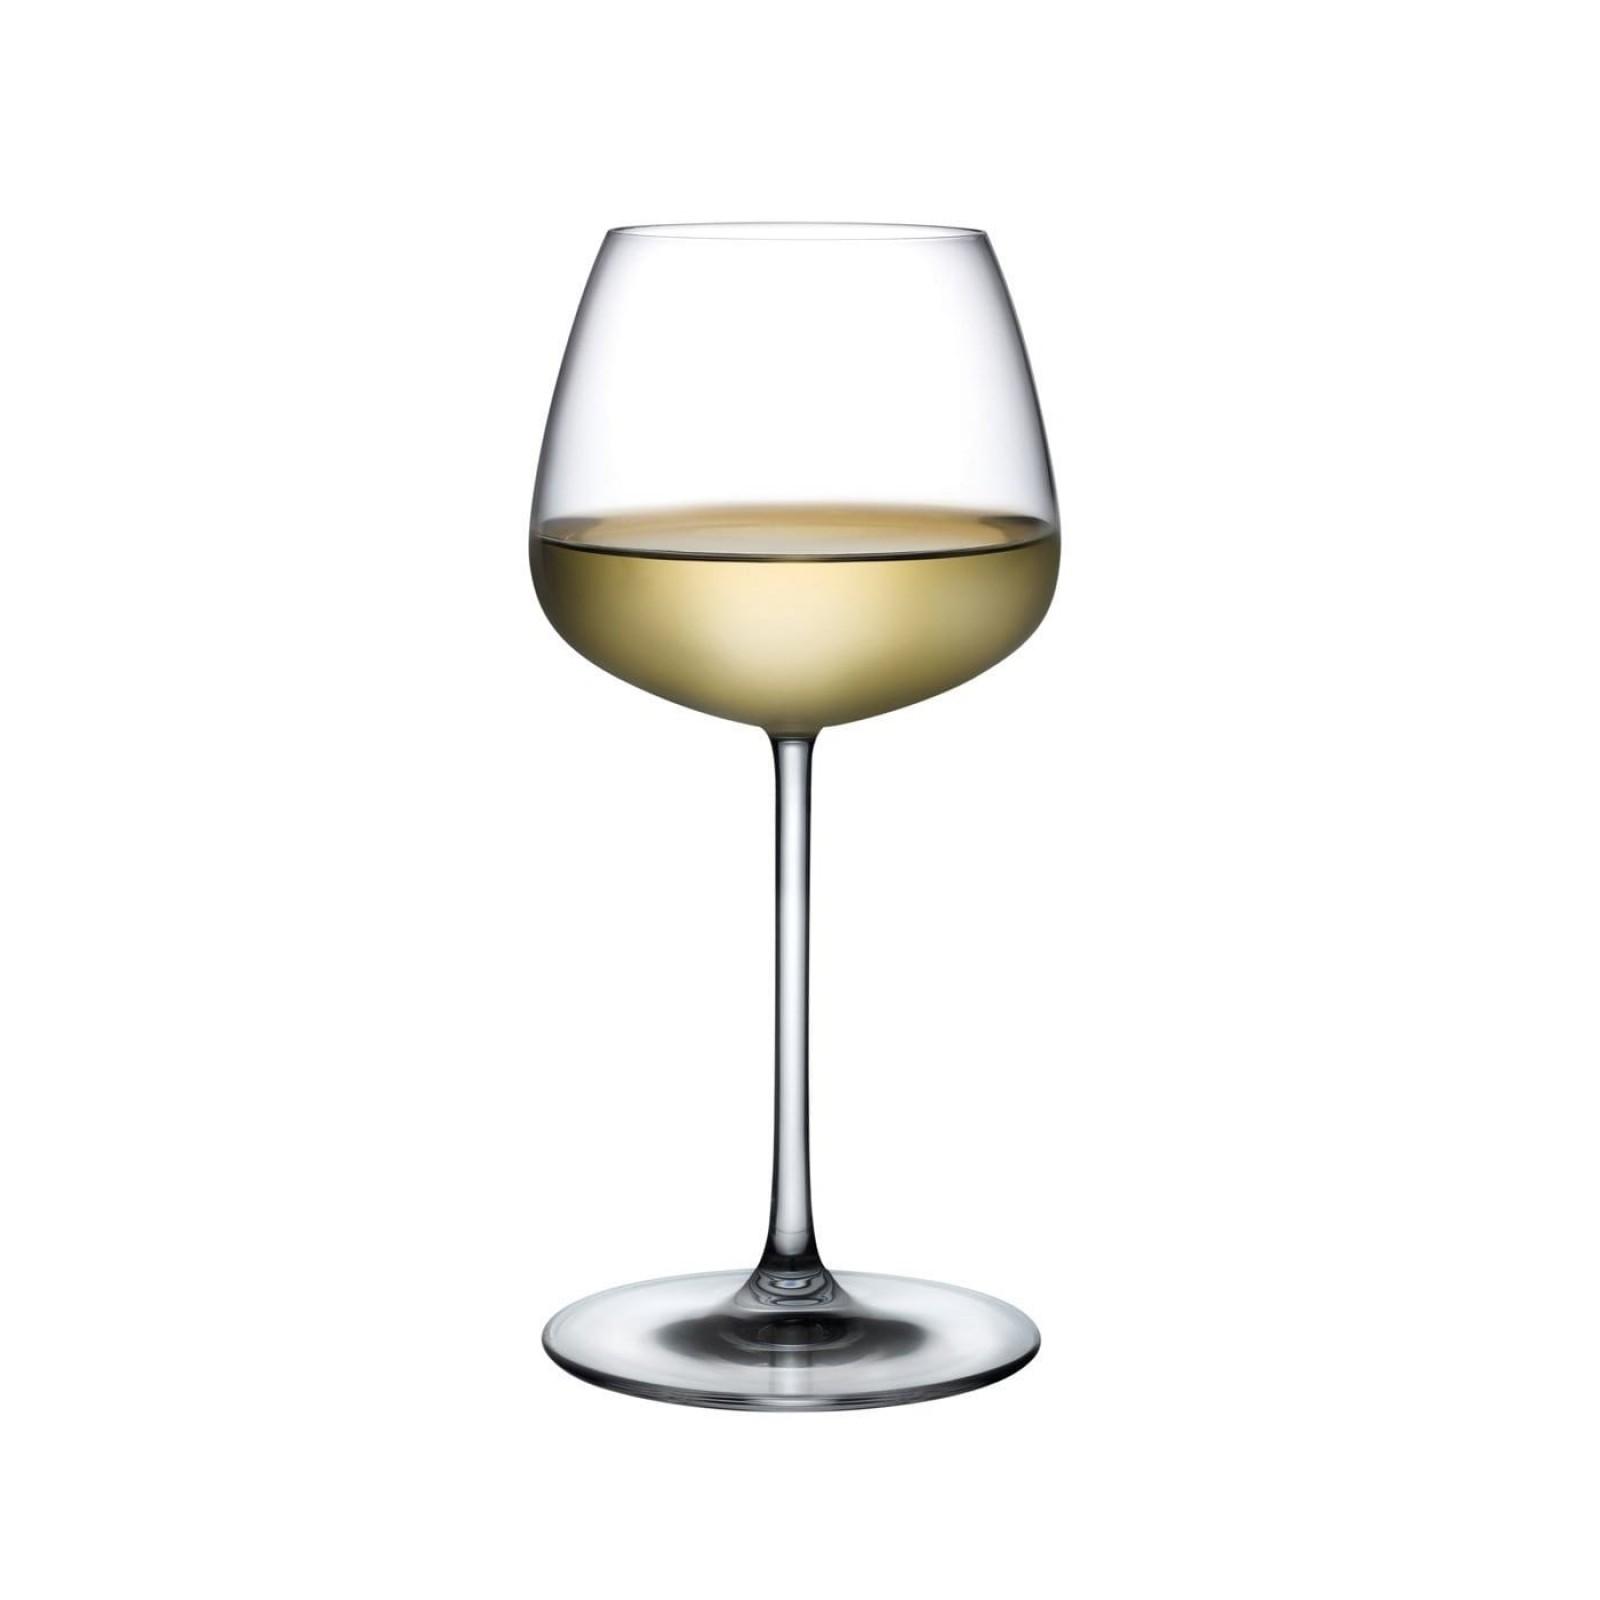 Ποτήρια Λευκού Κρασιού Mirage 425 ml (Σετ των 6) - Nude Glass